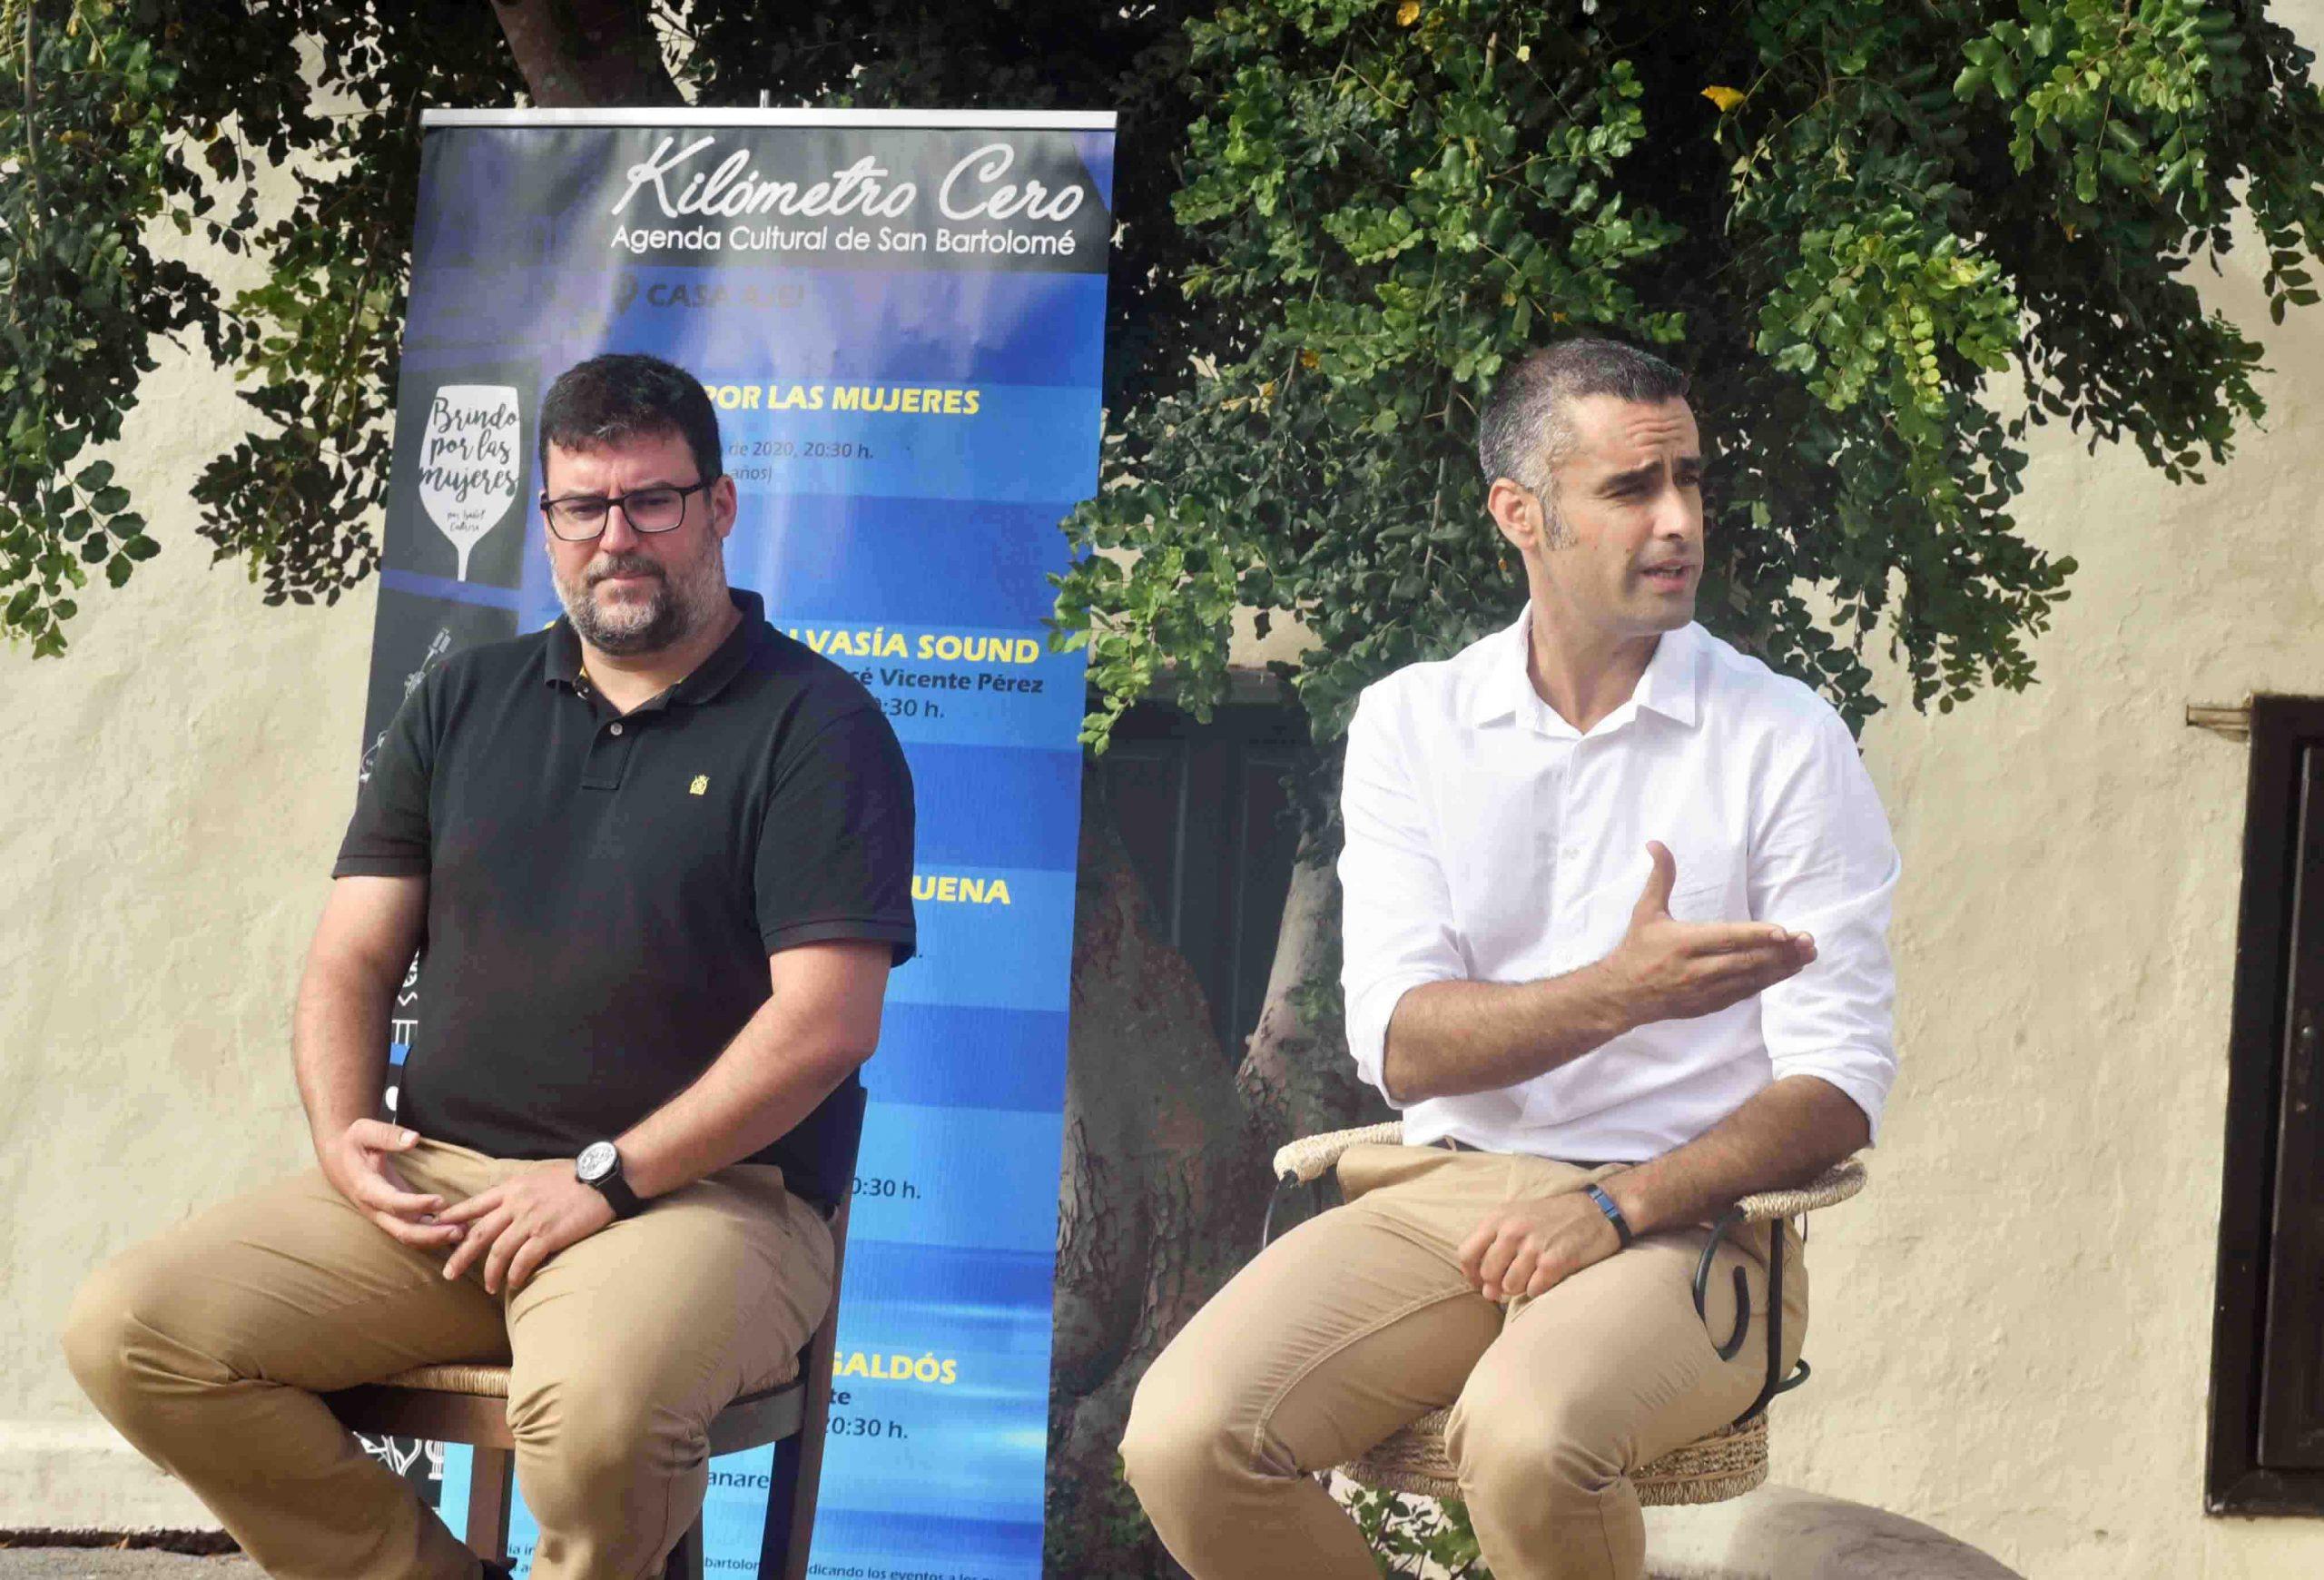 """San Bartolomé retoma la agenda cultural presencial con el ciclo """"KILÓMETRO CERO"""""""